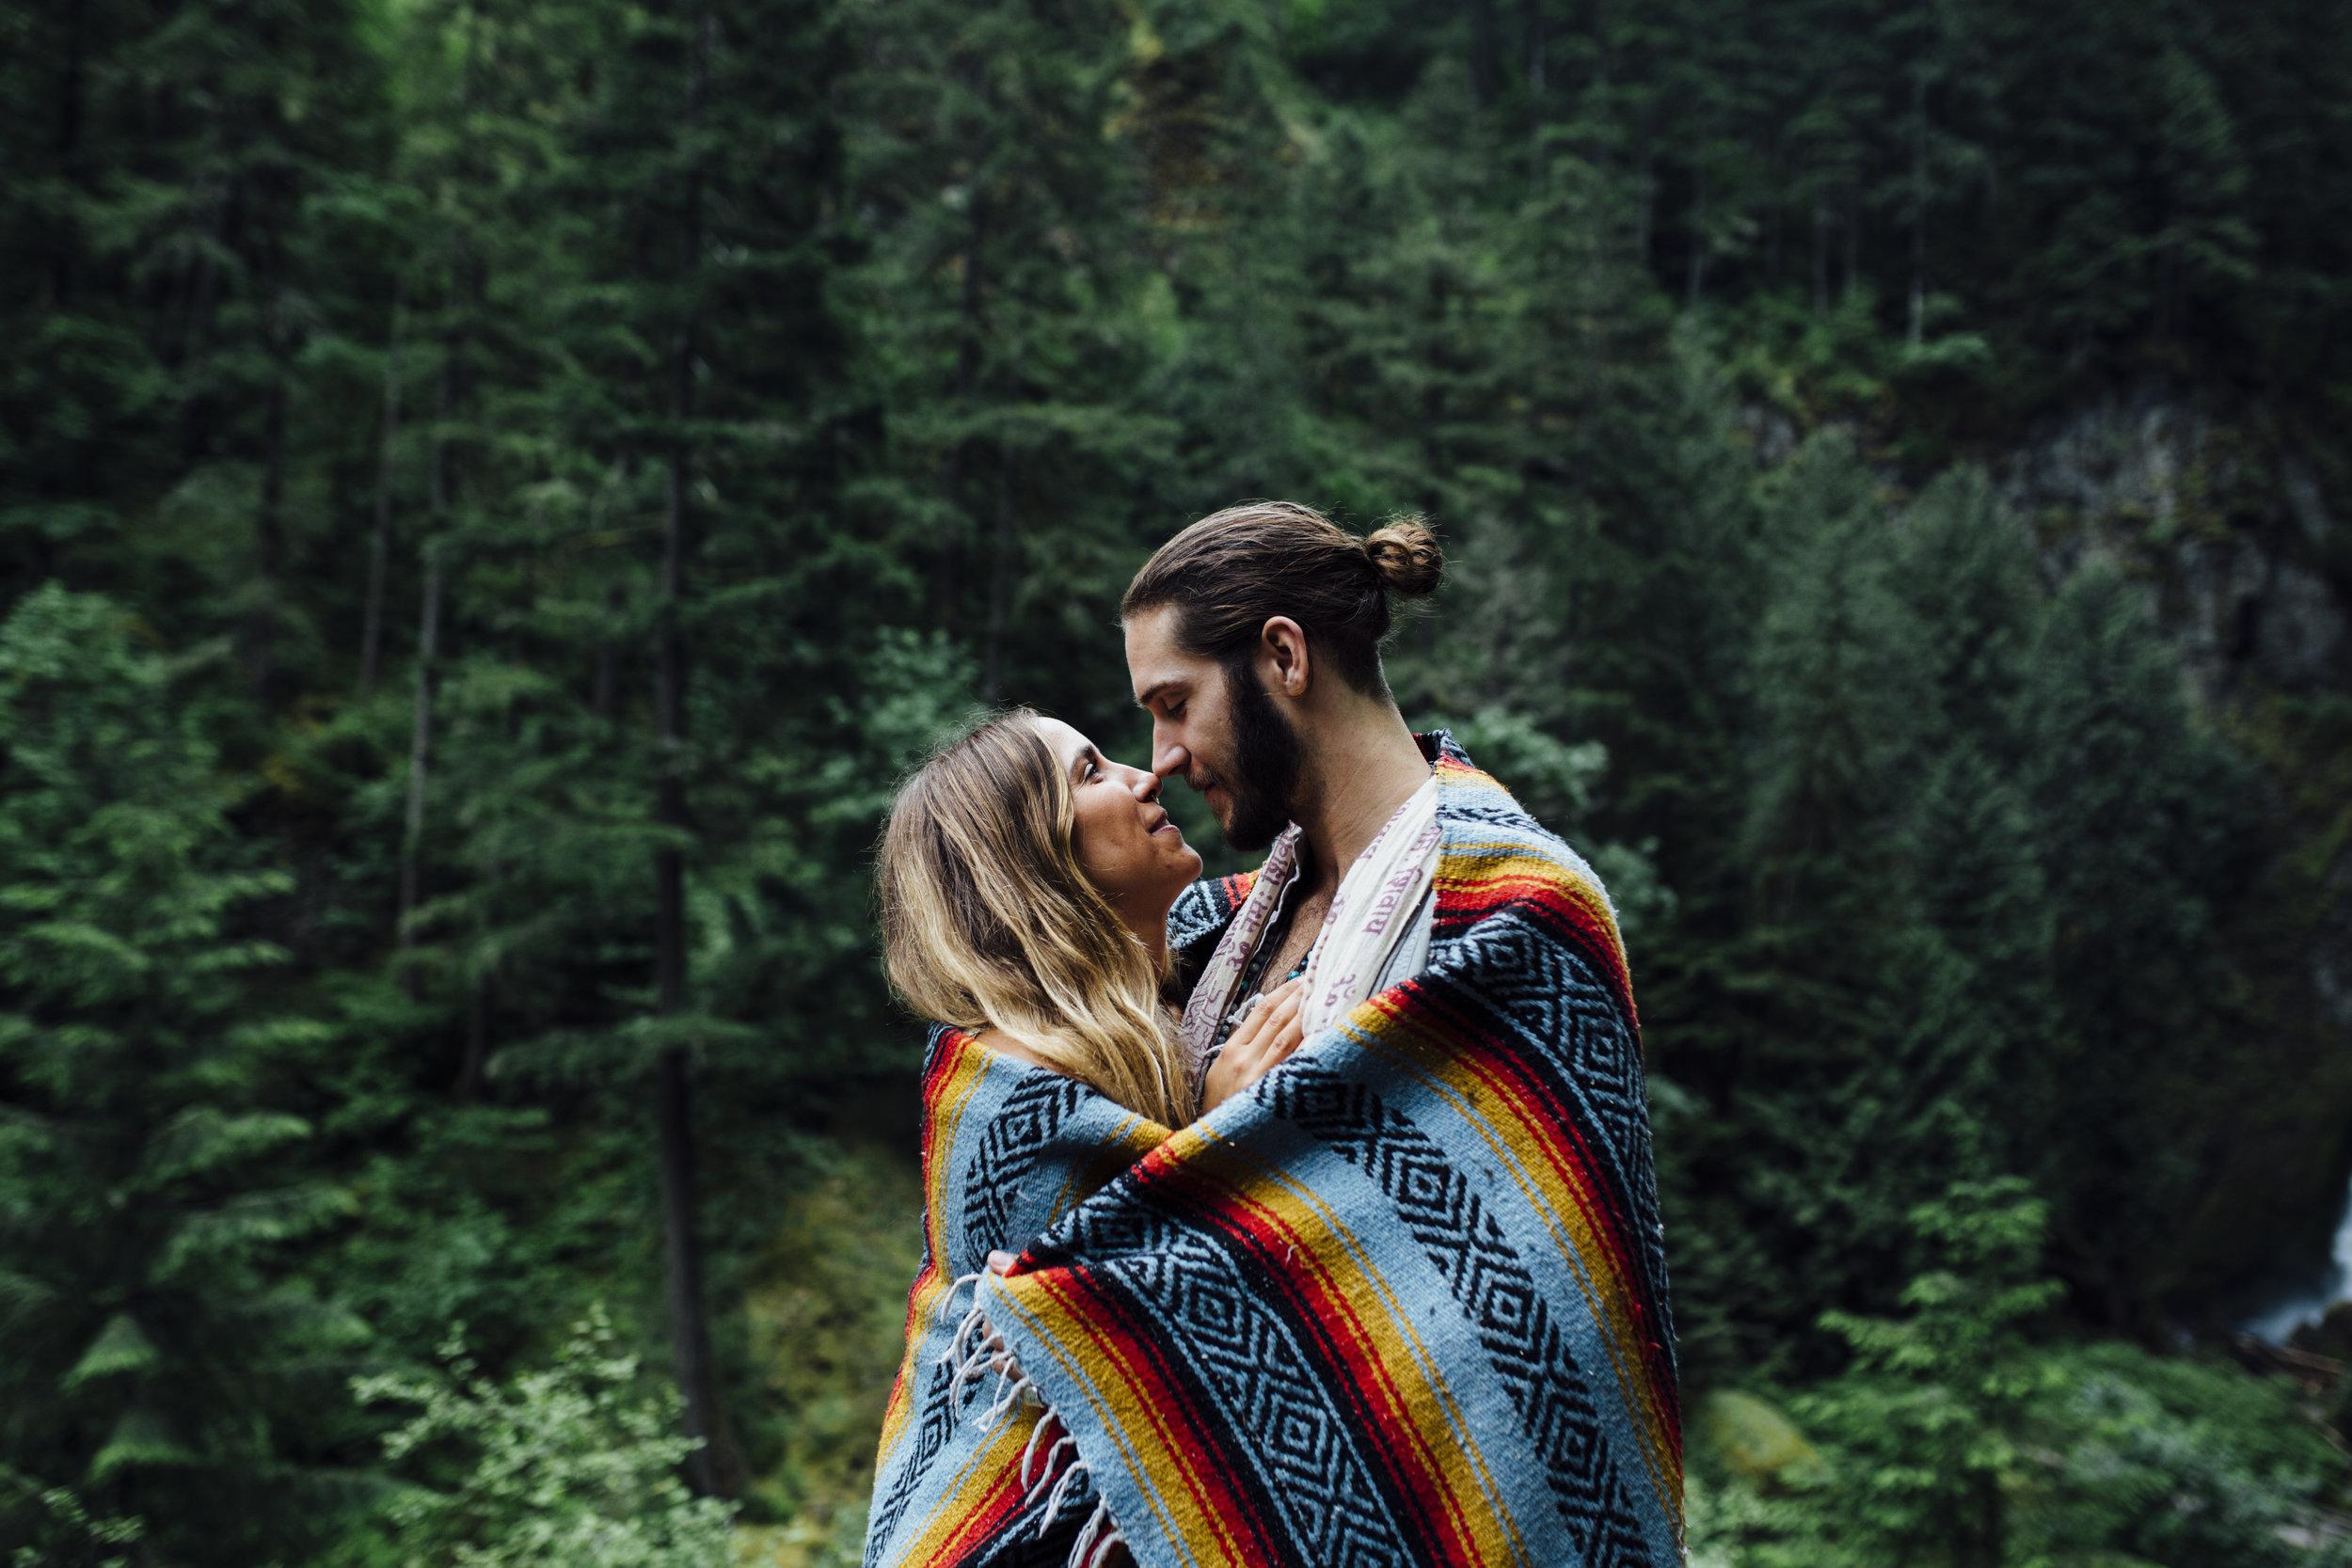 Nataly Zigdon Photography | Portland Wedding Photographer | Destination Wedding Photographer | Elopement Photographer | Oregon Photographer